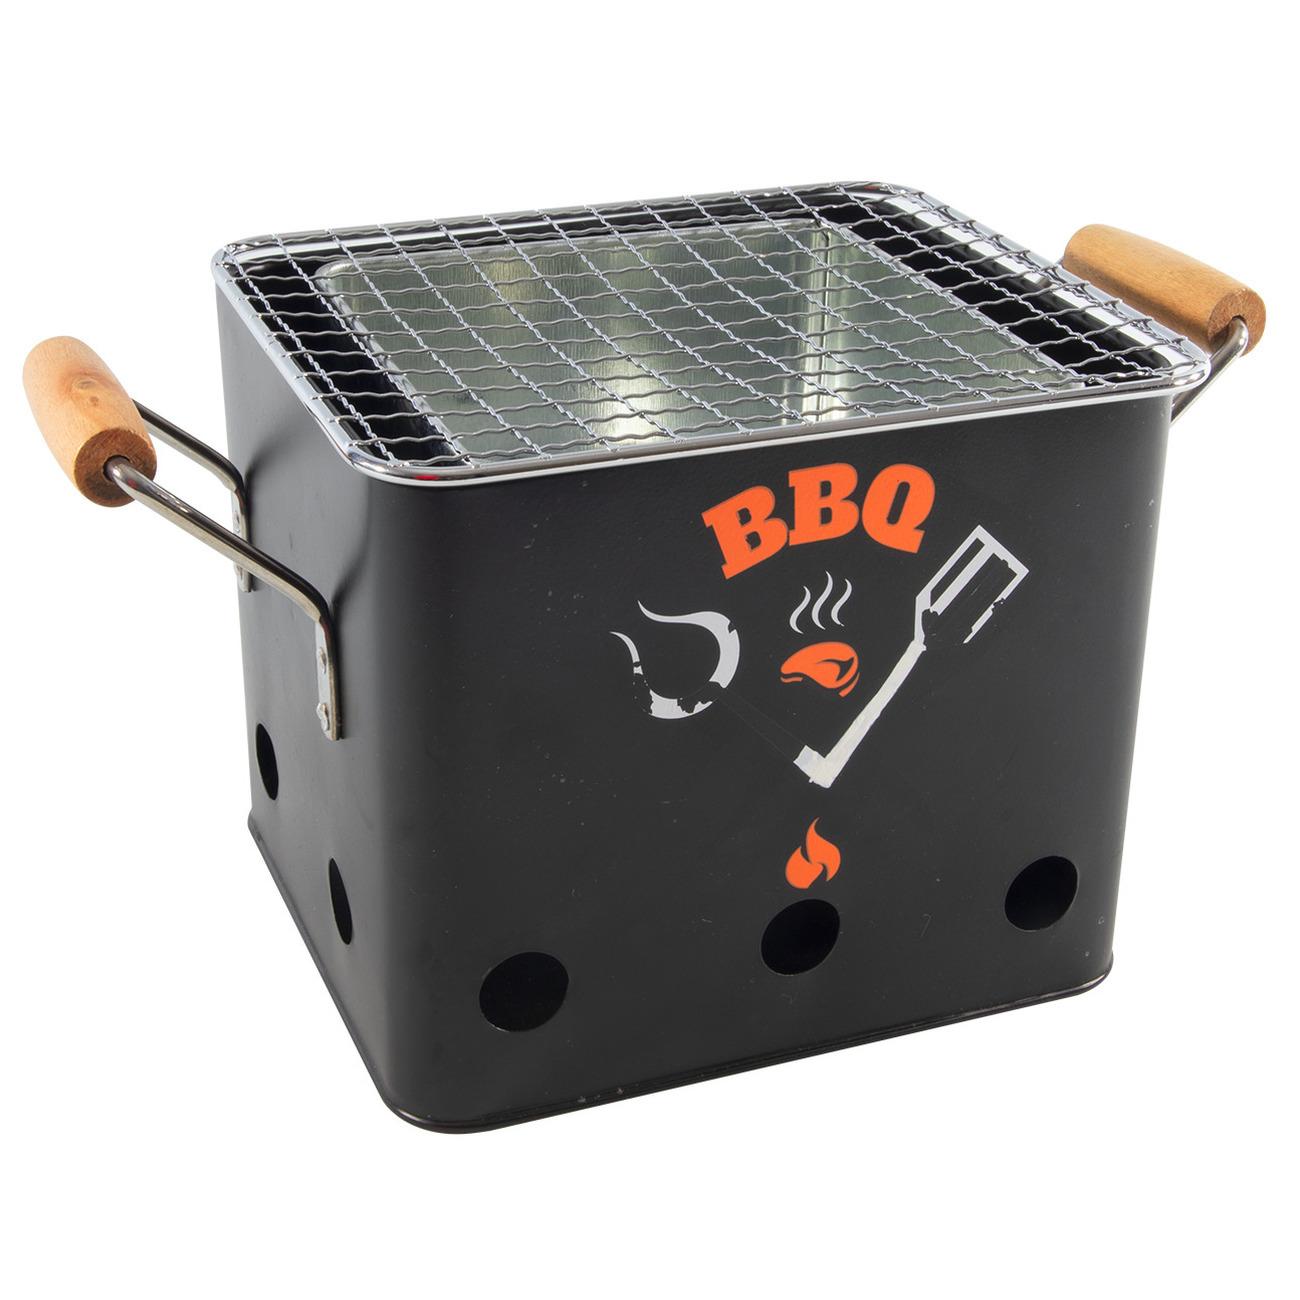 Zwarte barbecue-bbq tafelmodel 18 cm houtskool